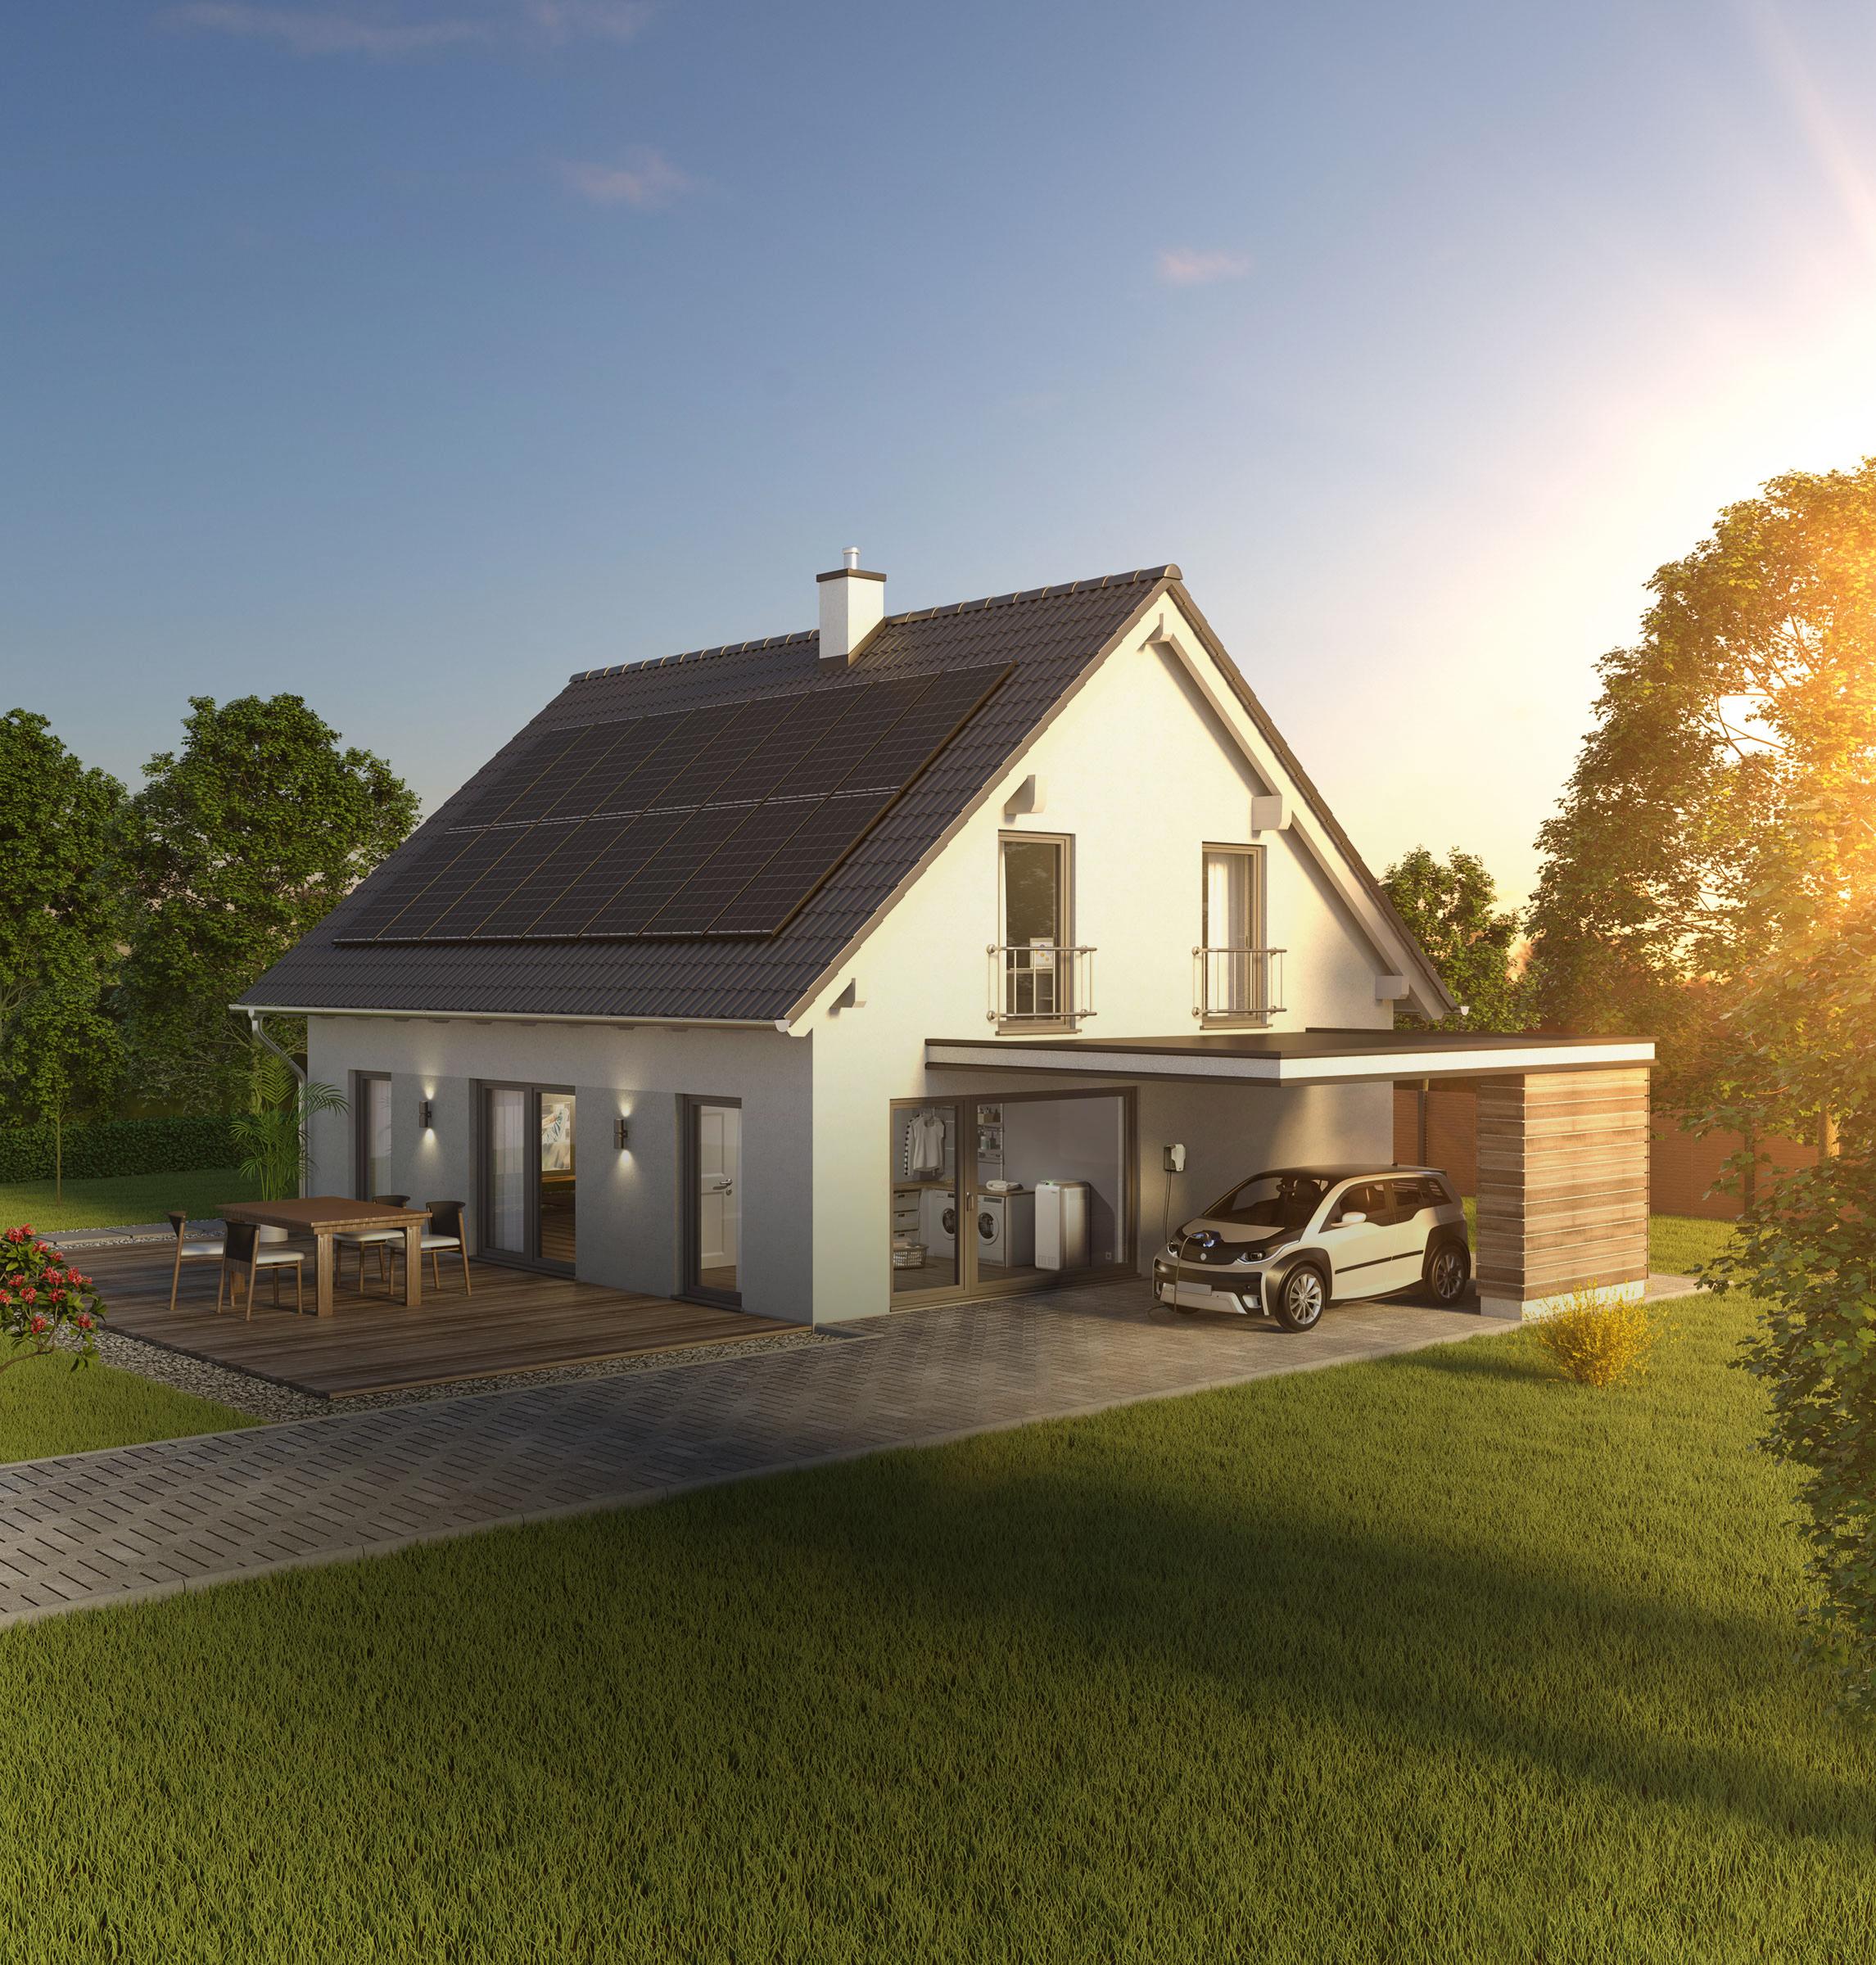 Das 10.000-Häuser-Programm